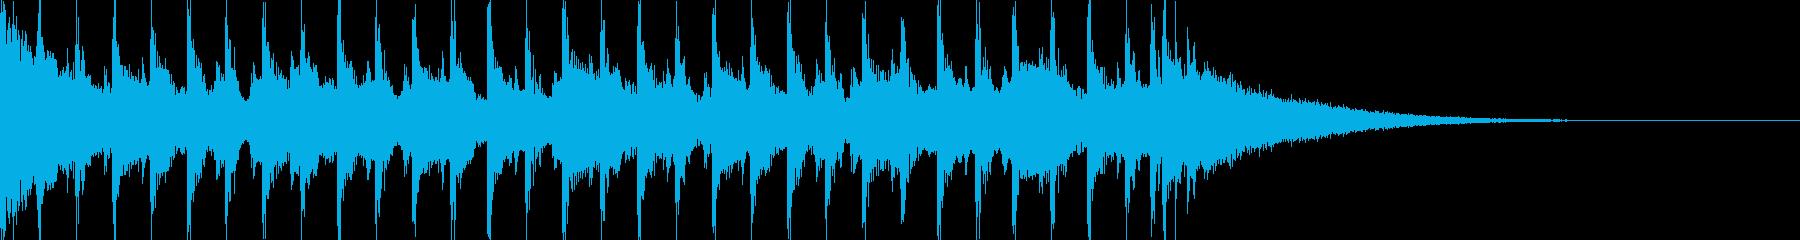 15秒CM可愛いウクレレ/口笛/ノリノリの再生済みの波形